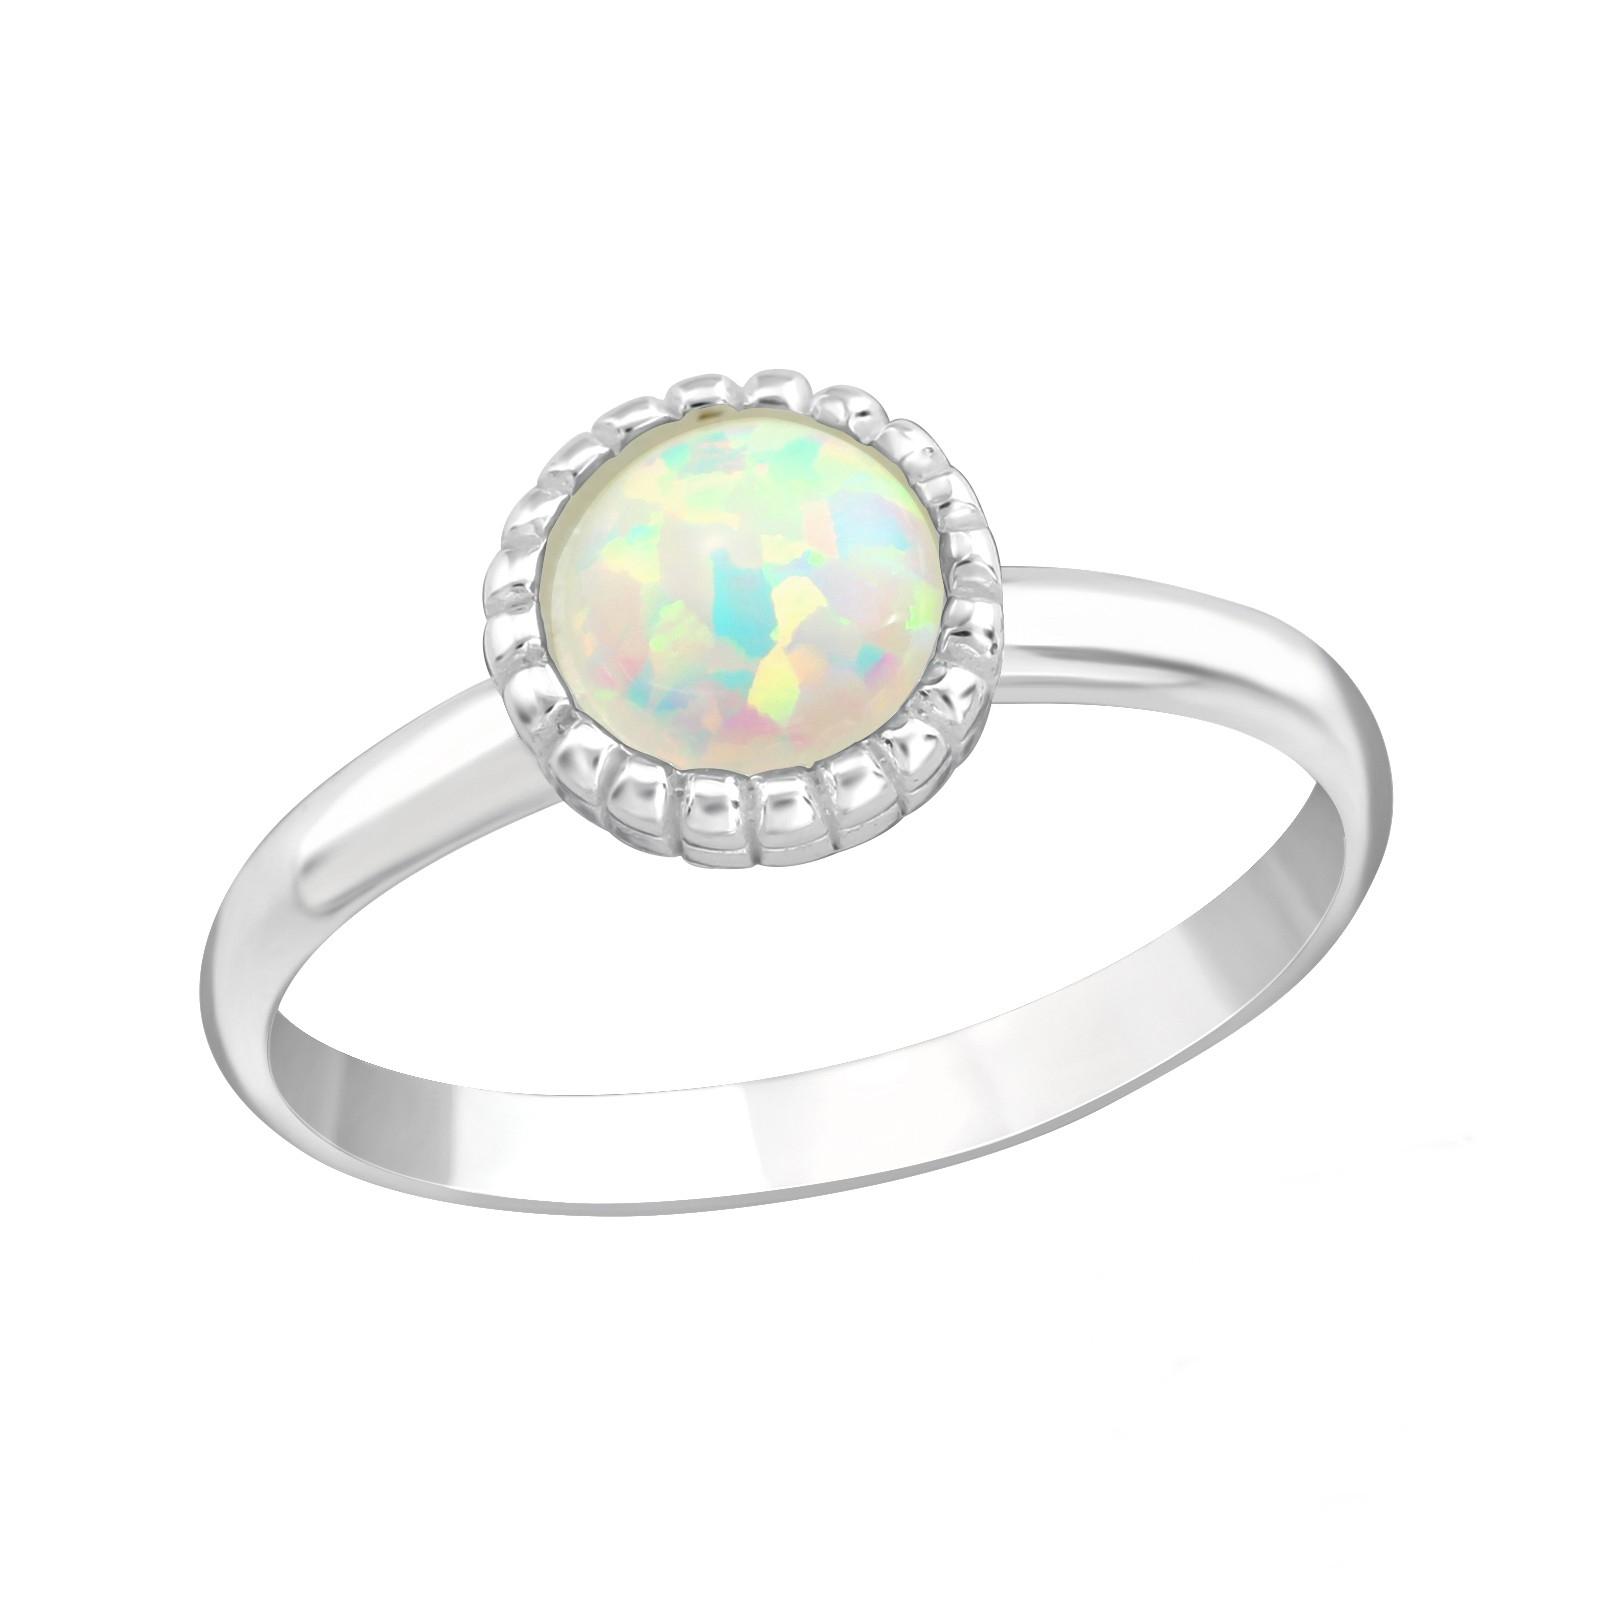 OLIVIE Detský strieborný prsteň BIELY OPÁL 4415 Ag 925; ≤1 g.